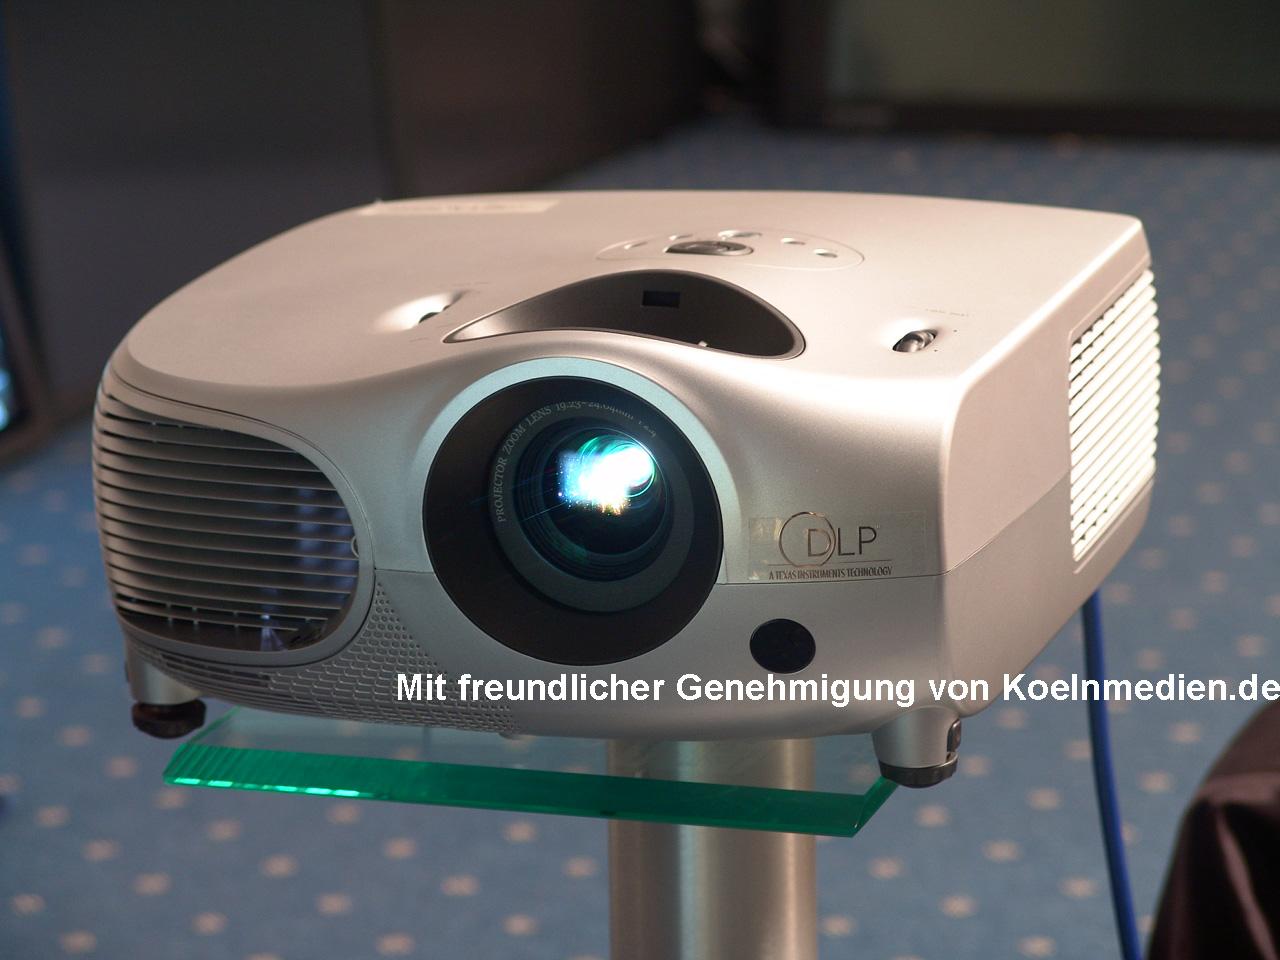 Metavision Projektoren Cht 726 Hdtv Dlp Beamer Hitachi Projector Cp Ex302 Projektor